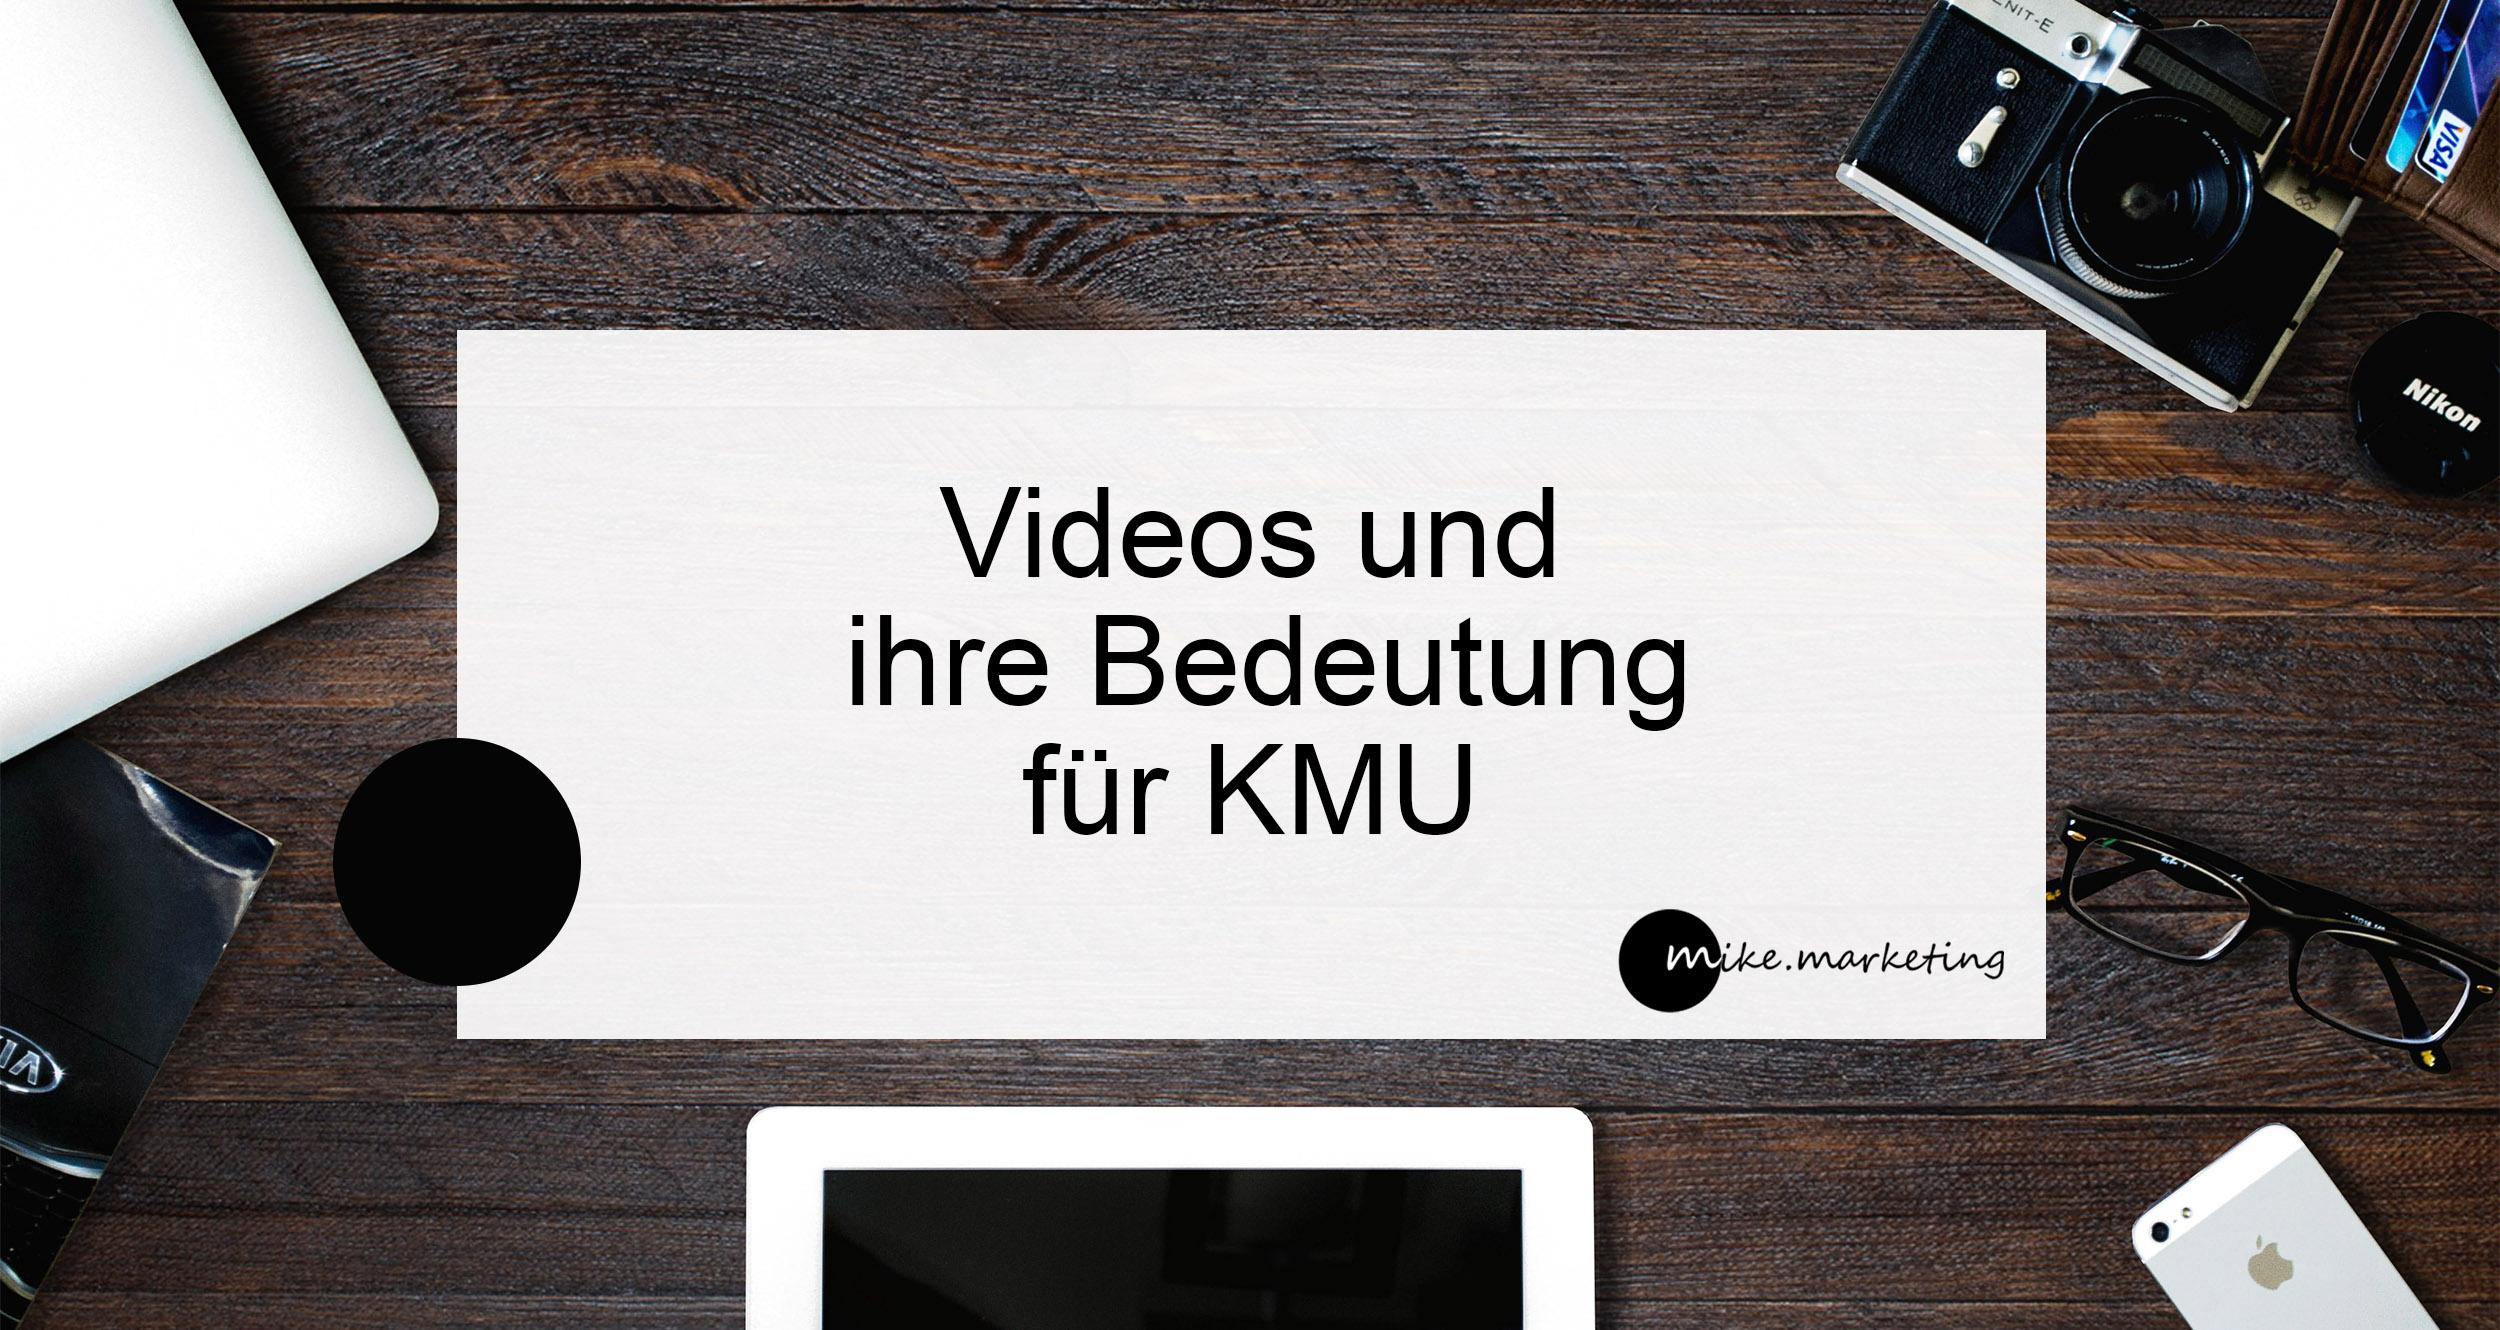 Videos und ihre Bedeutung für KMU_mikemarketing